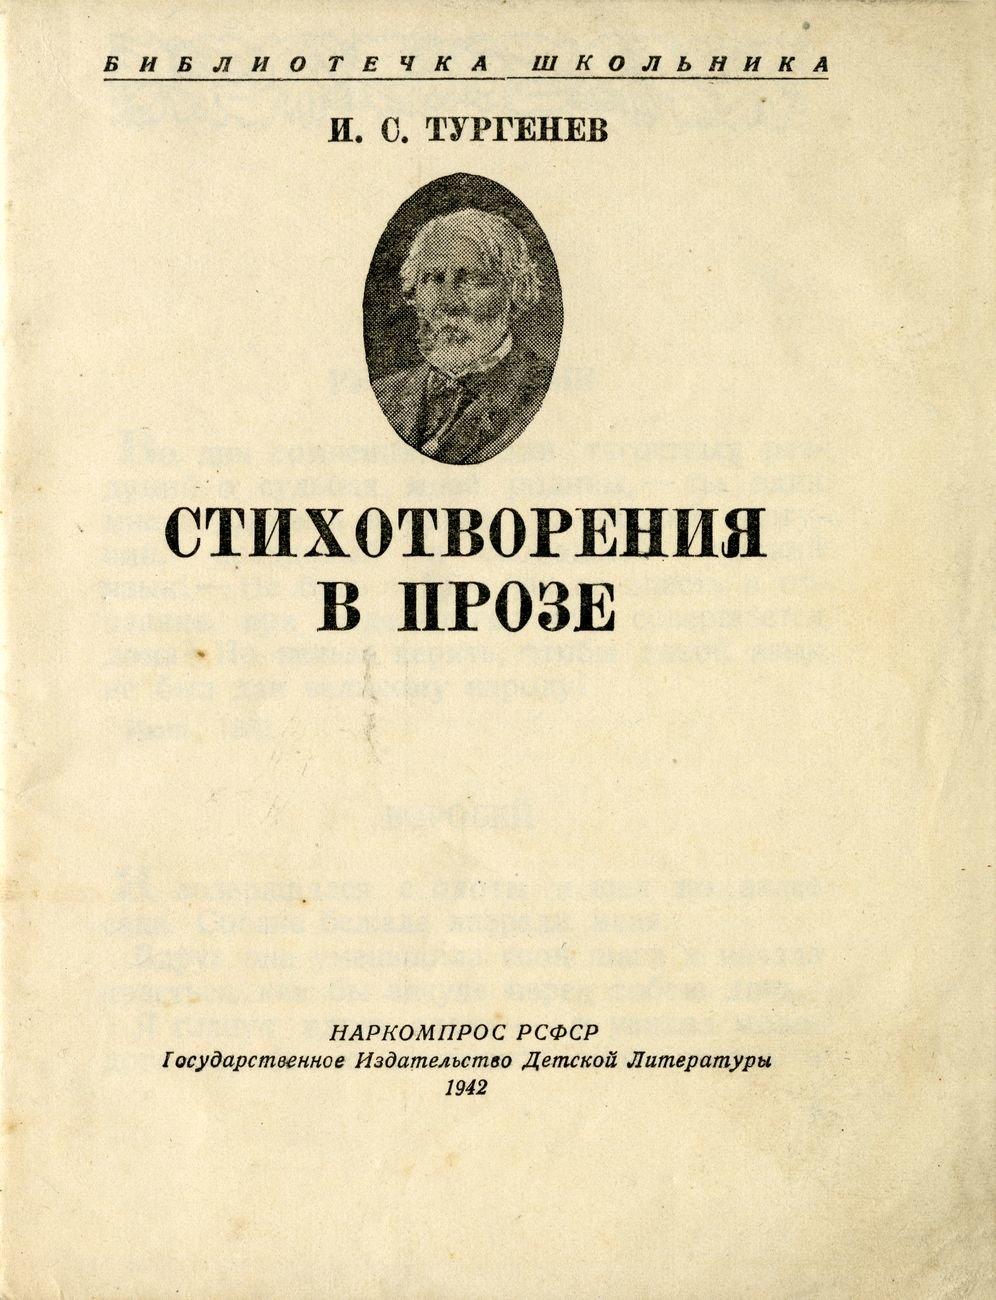 И. С. Тургенев. Стихотворения в прозе. титул